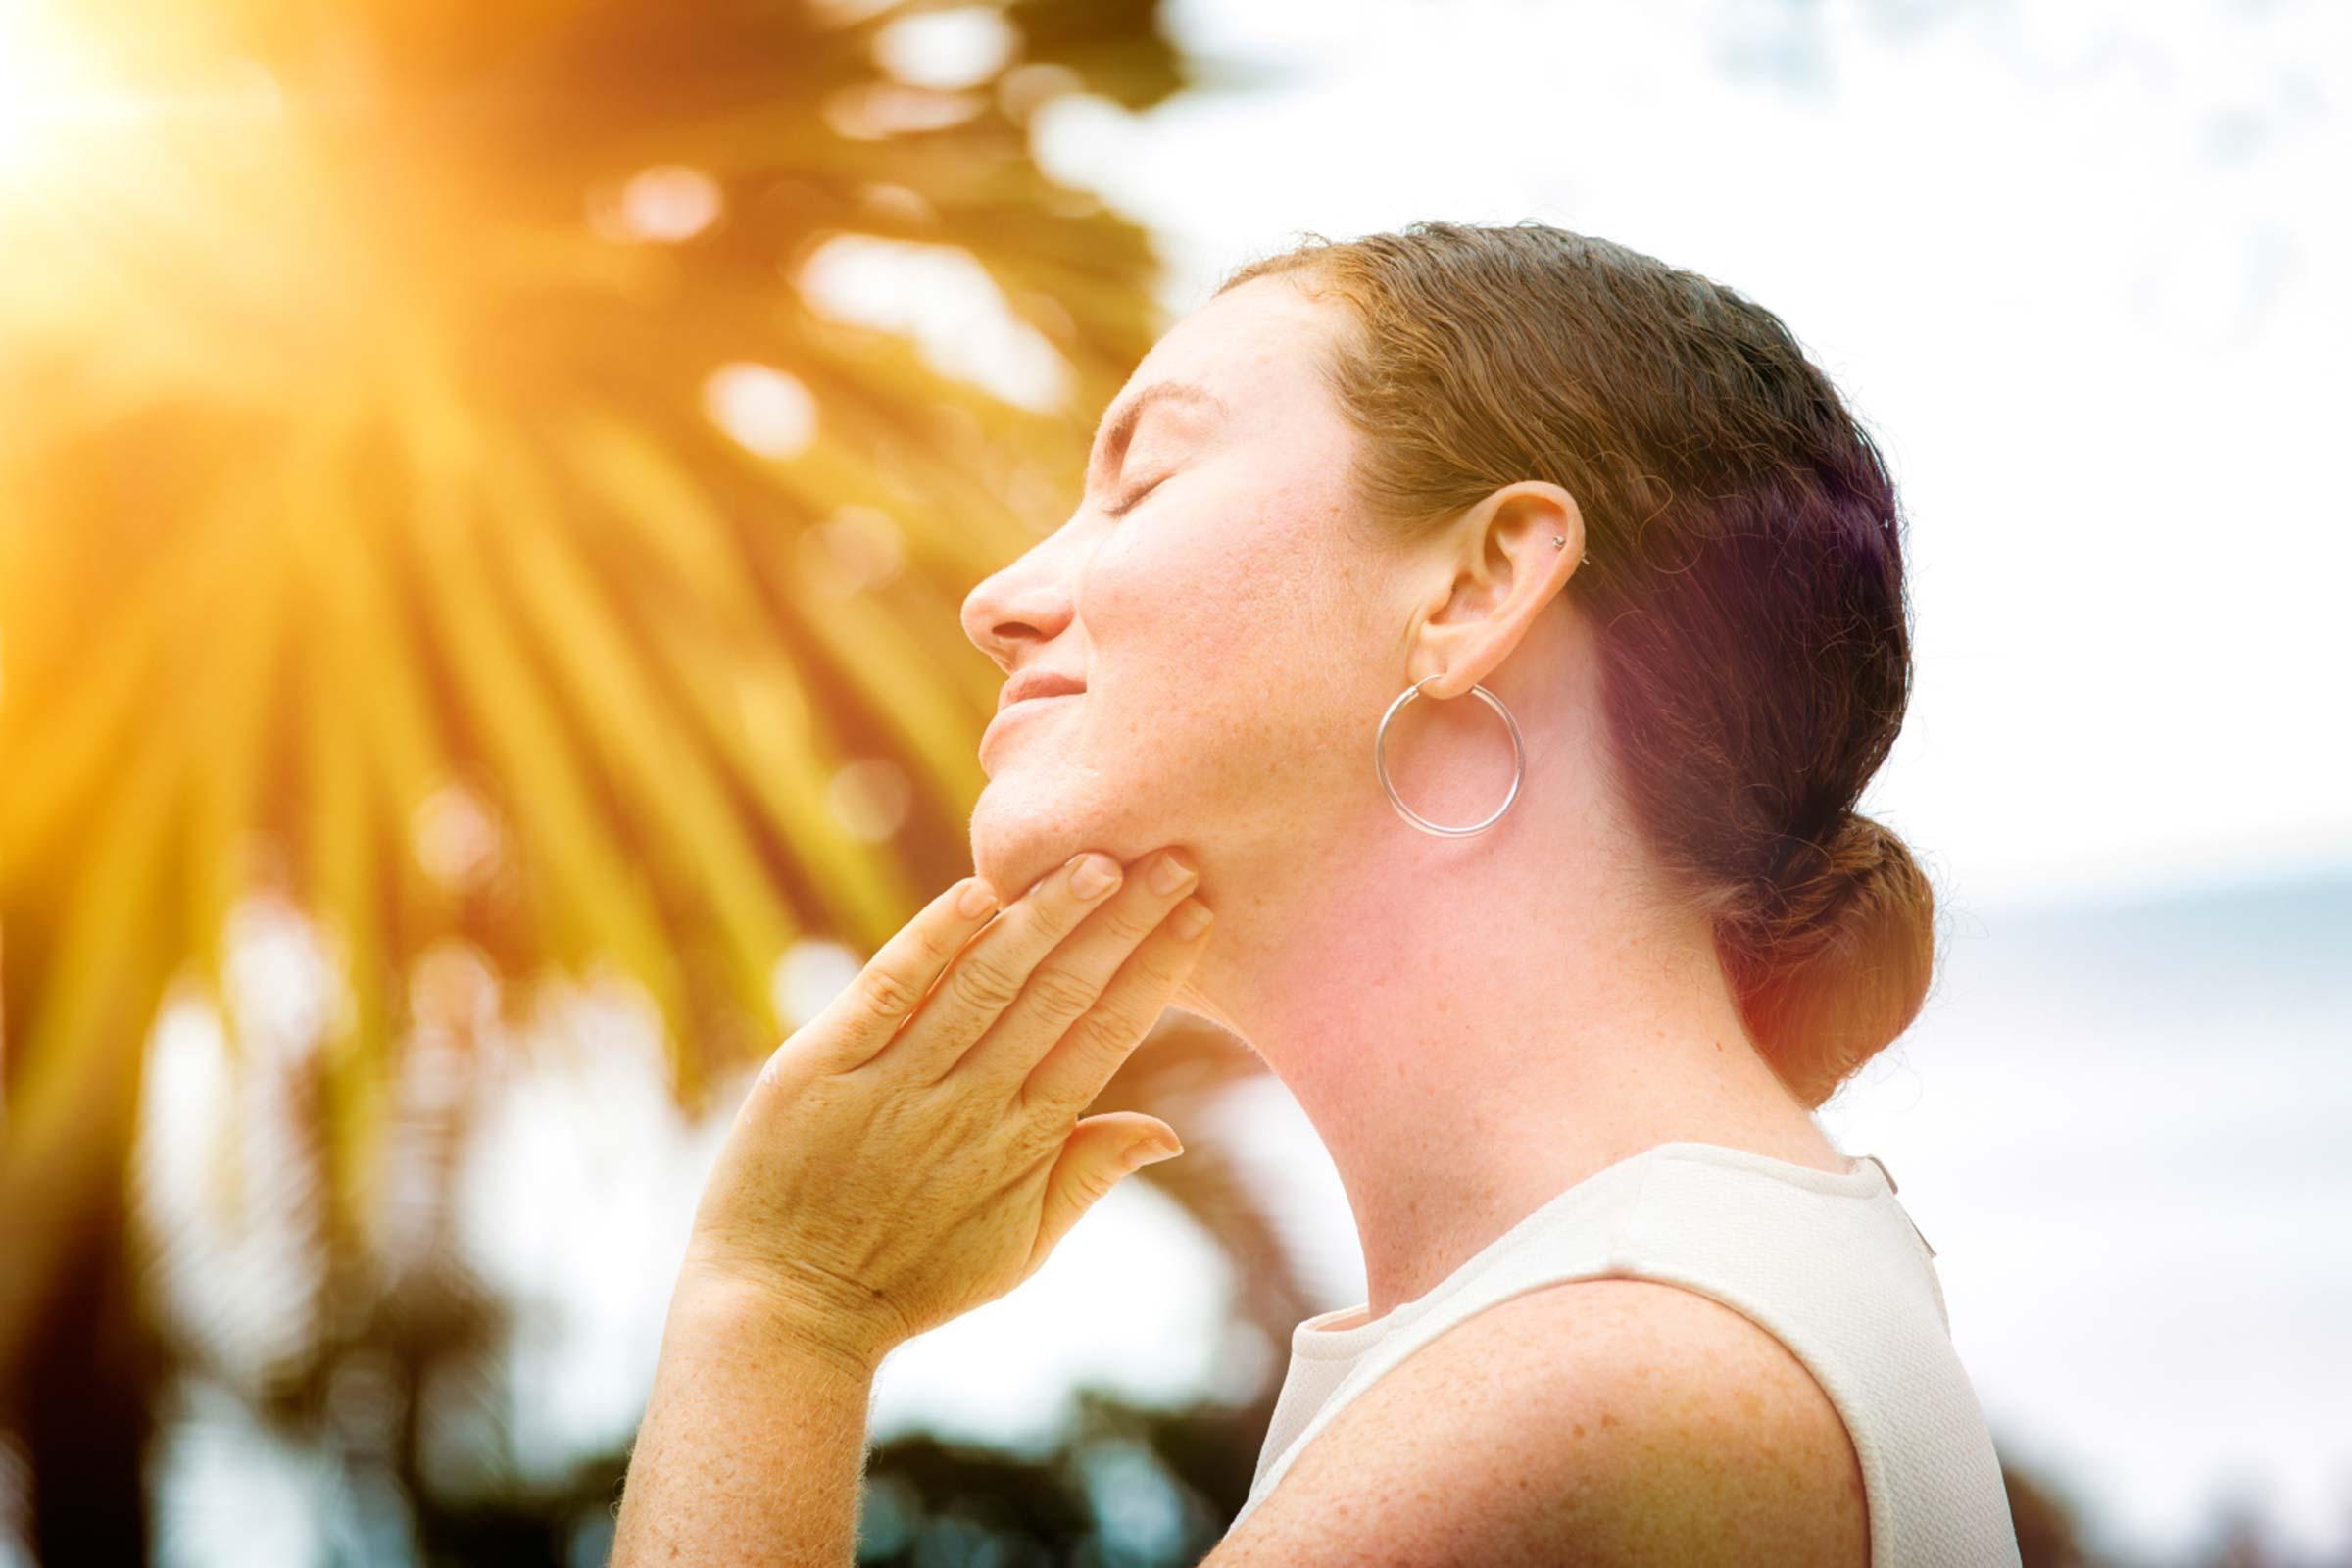 Tia cực tím trong ánh nắng mặt trời có thể khiến bất kỳ vùng da nào